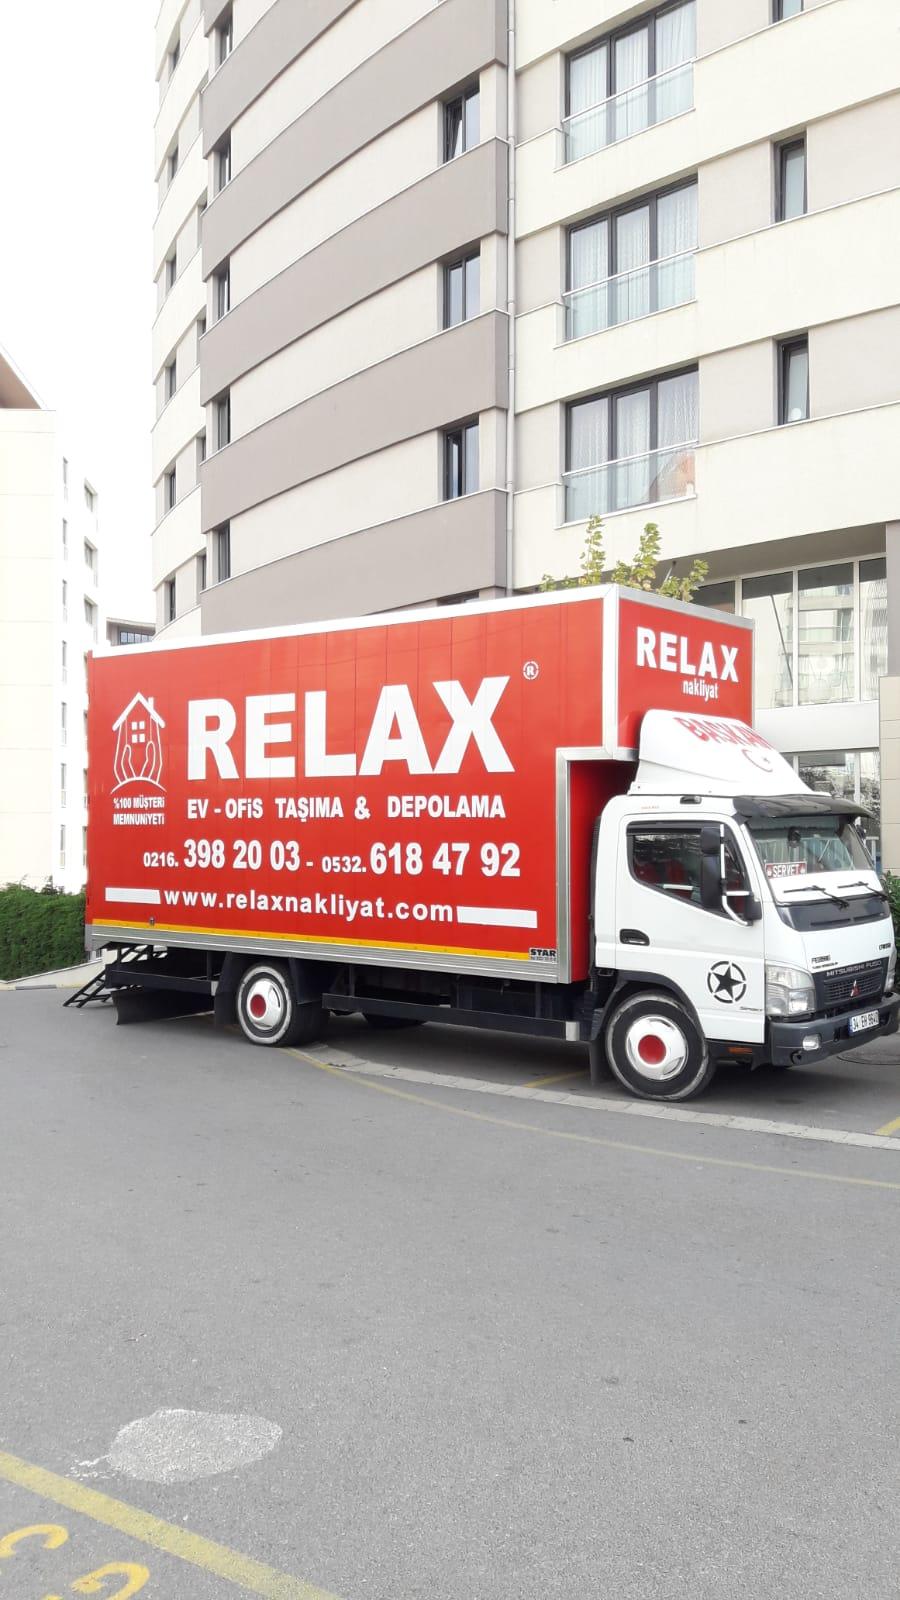 Relax Evden Eve Nakliyat  Evden eve nakliye firması